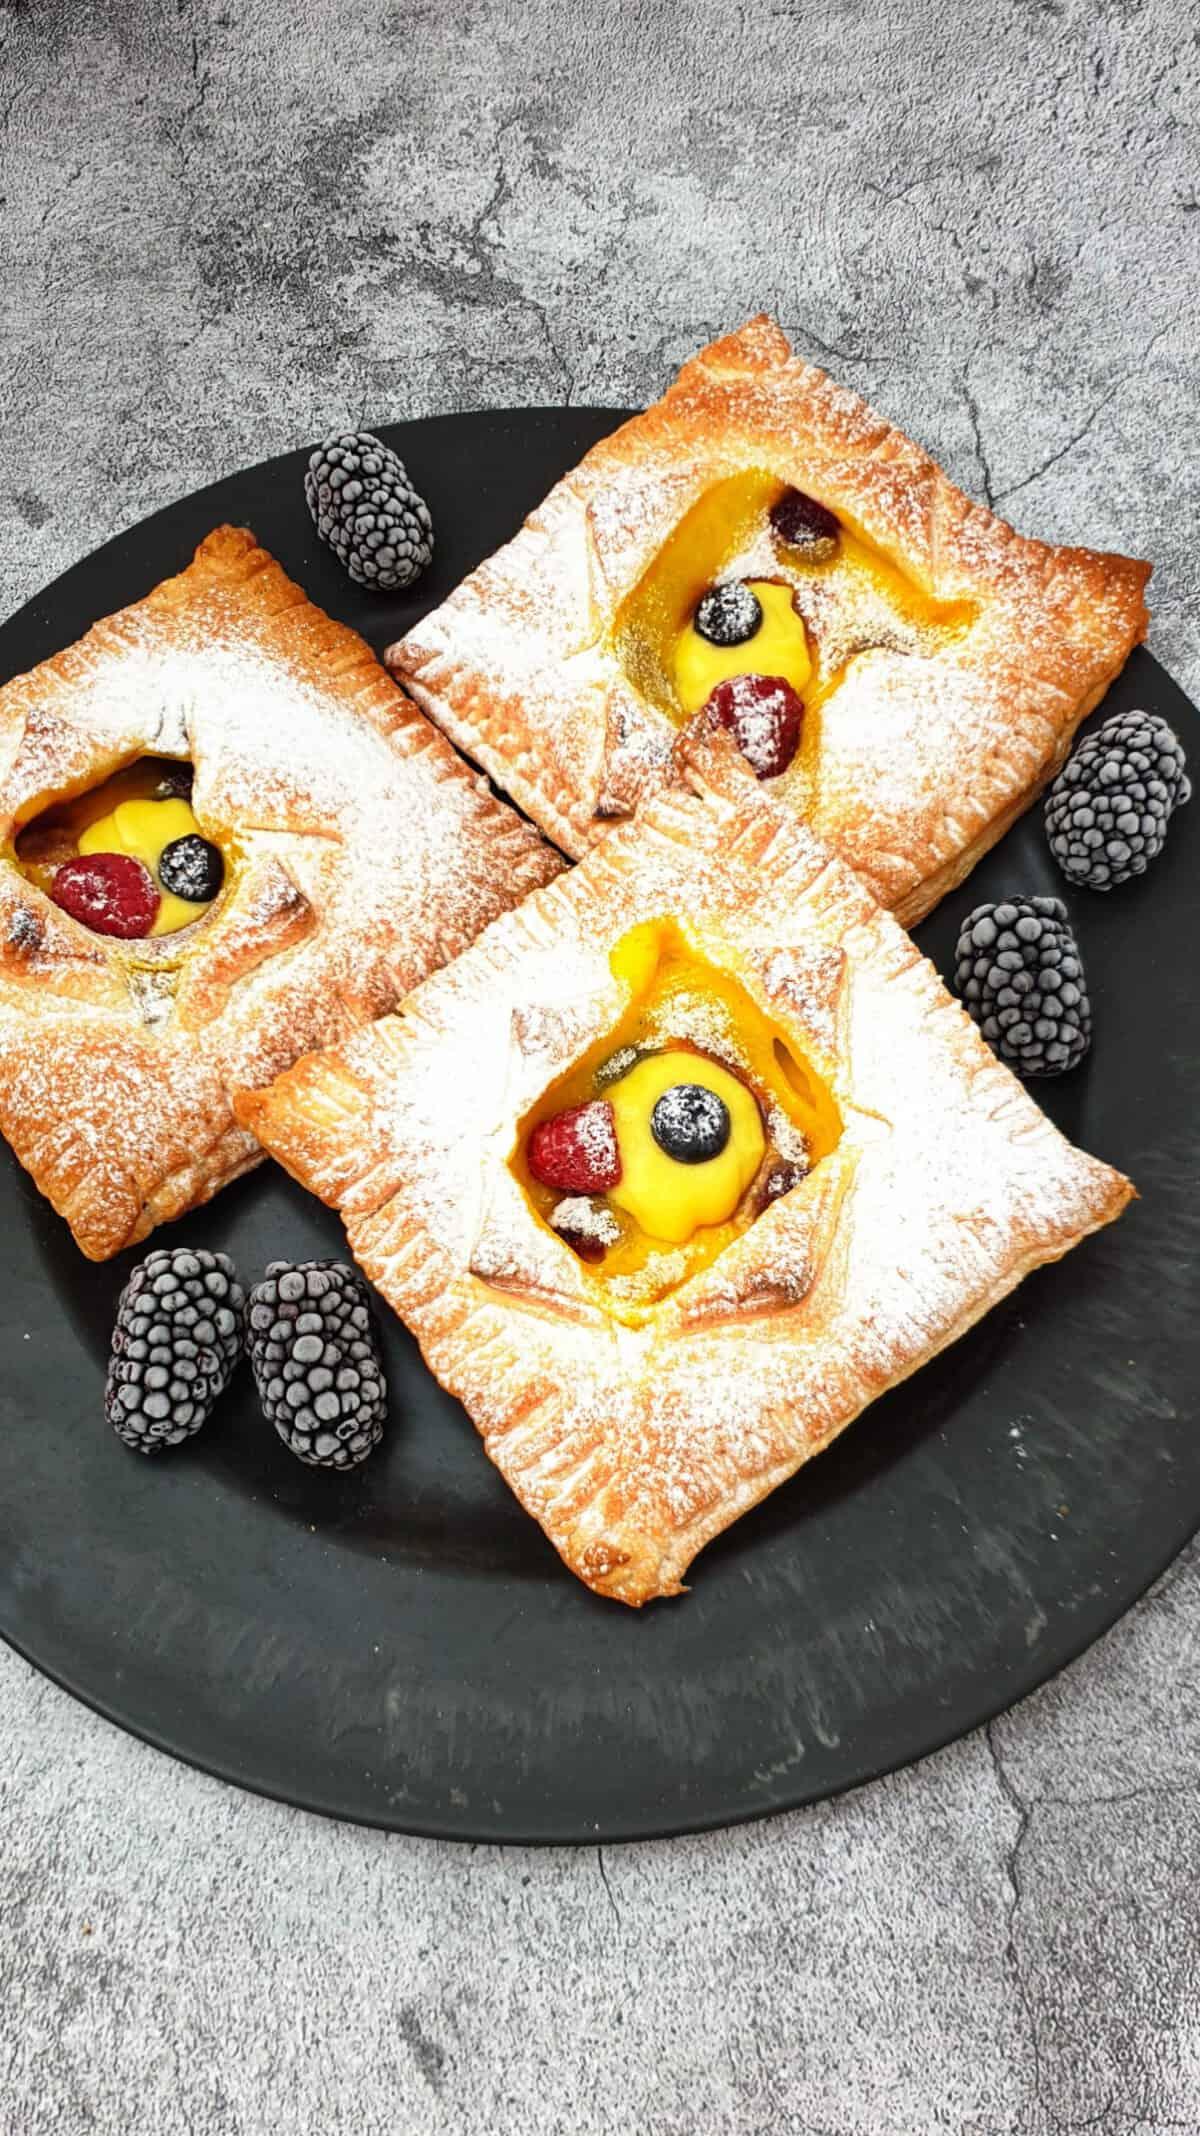 Auf einem dunklen großen Teller drei Blätterteig Taschen mit Pudding und Beeren gefüllt.